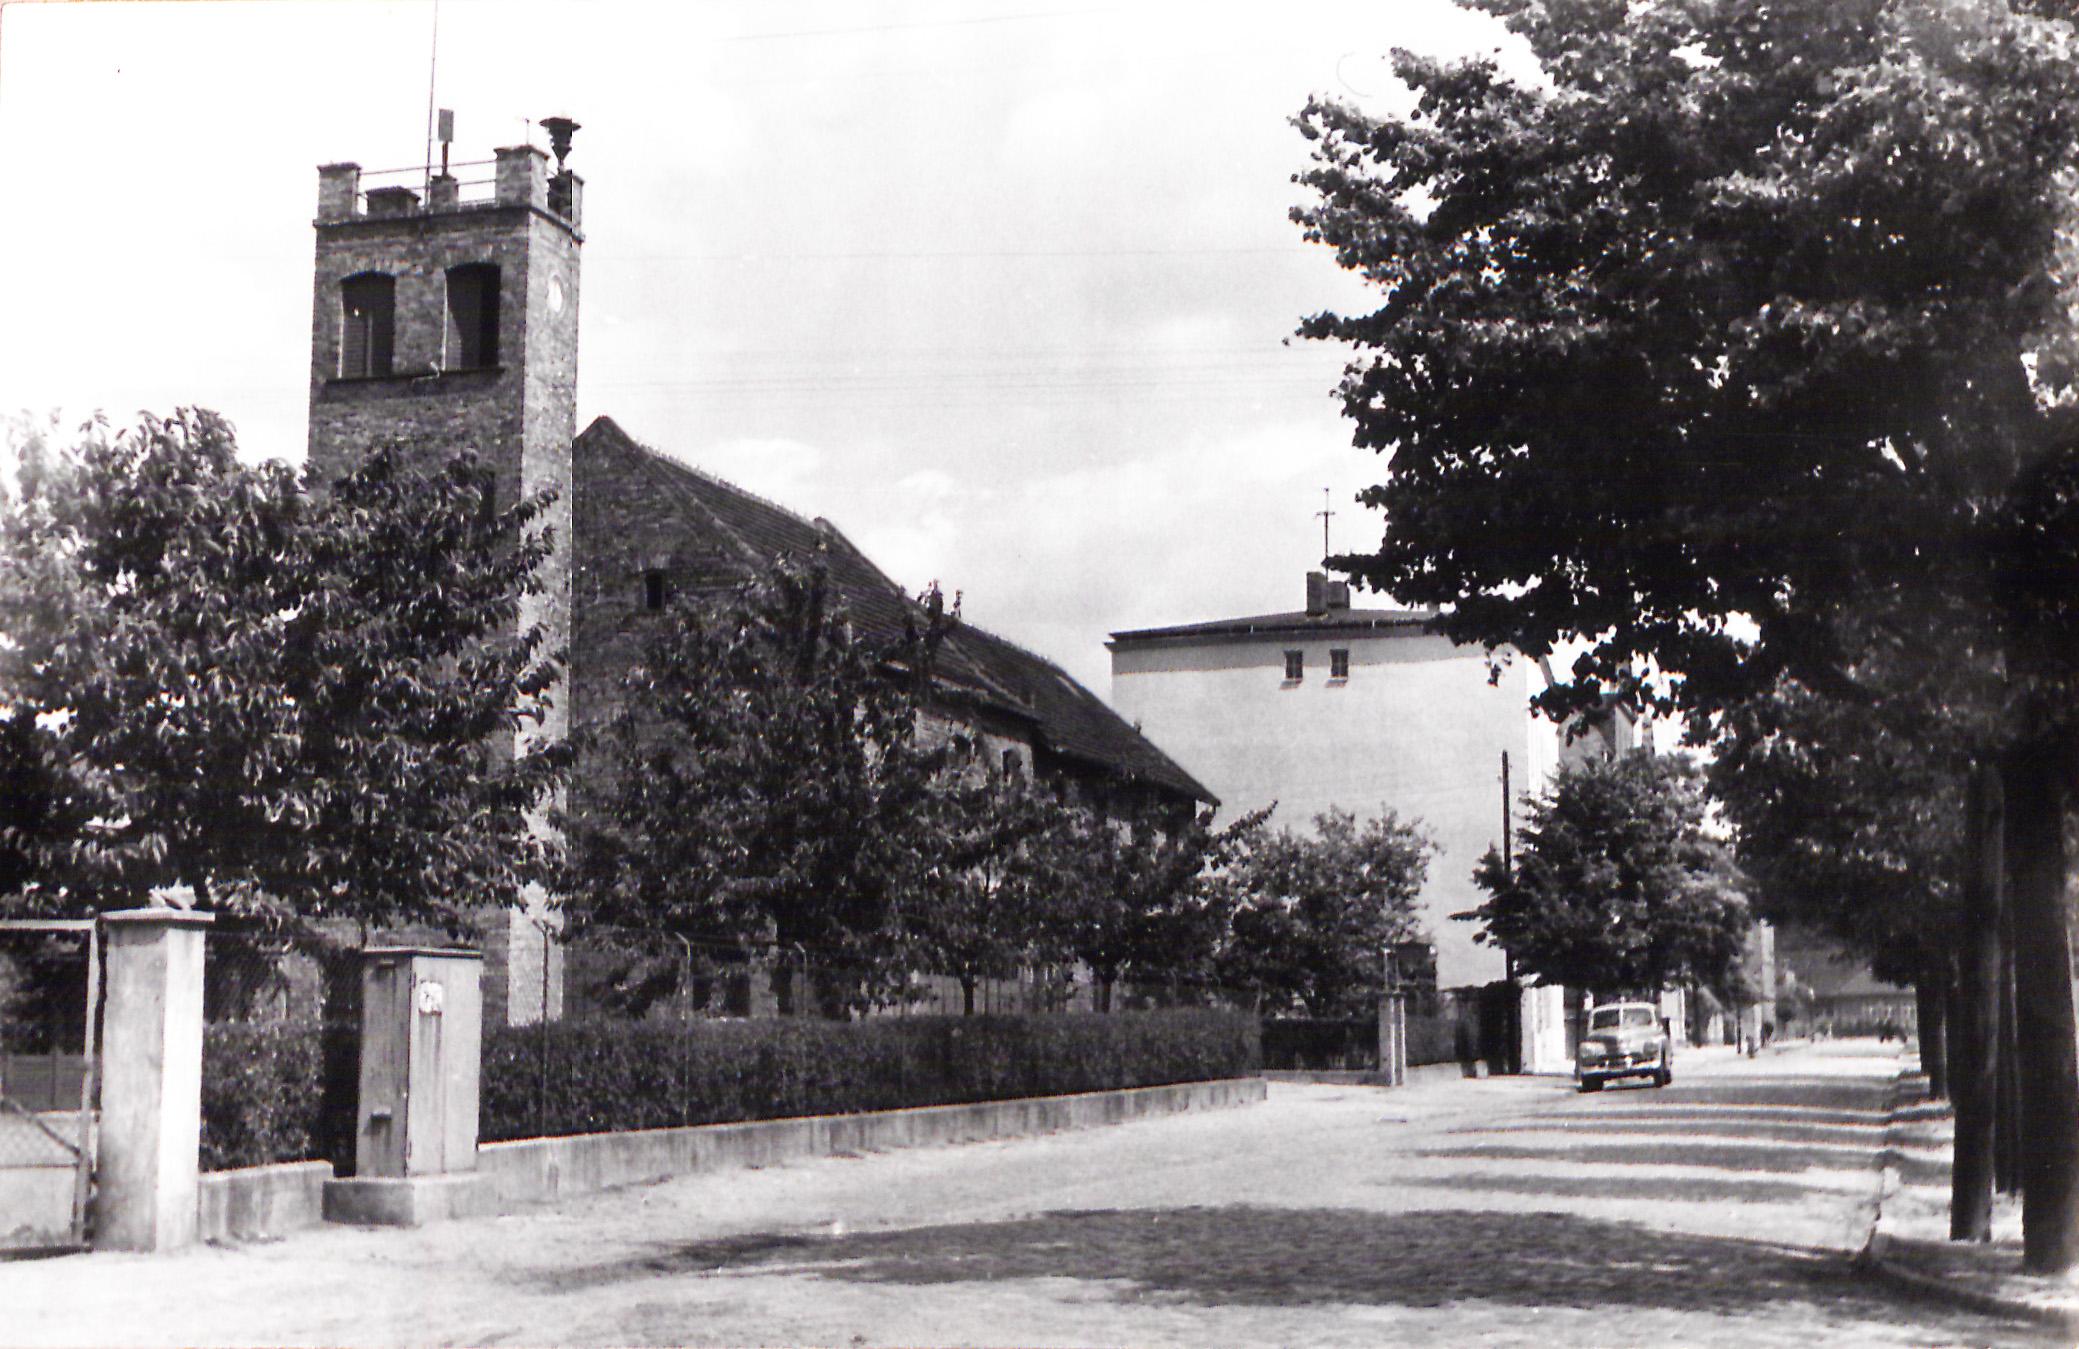 archiwalne zdjęcie przedstawiające strażnicę pożarną przy rynku wschodnim